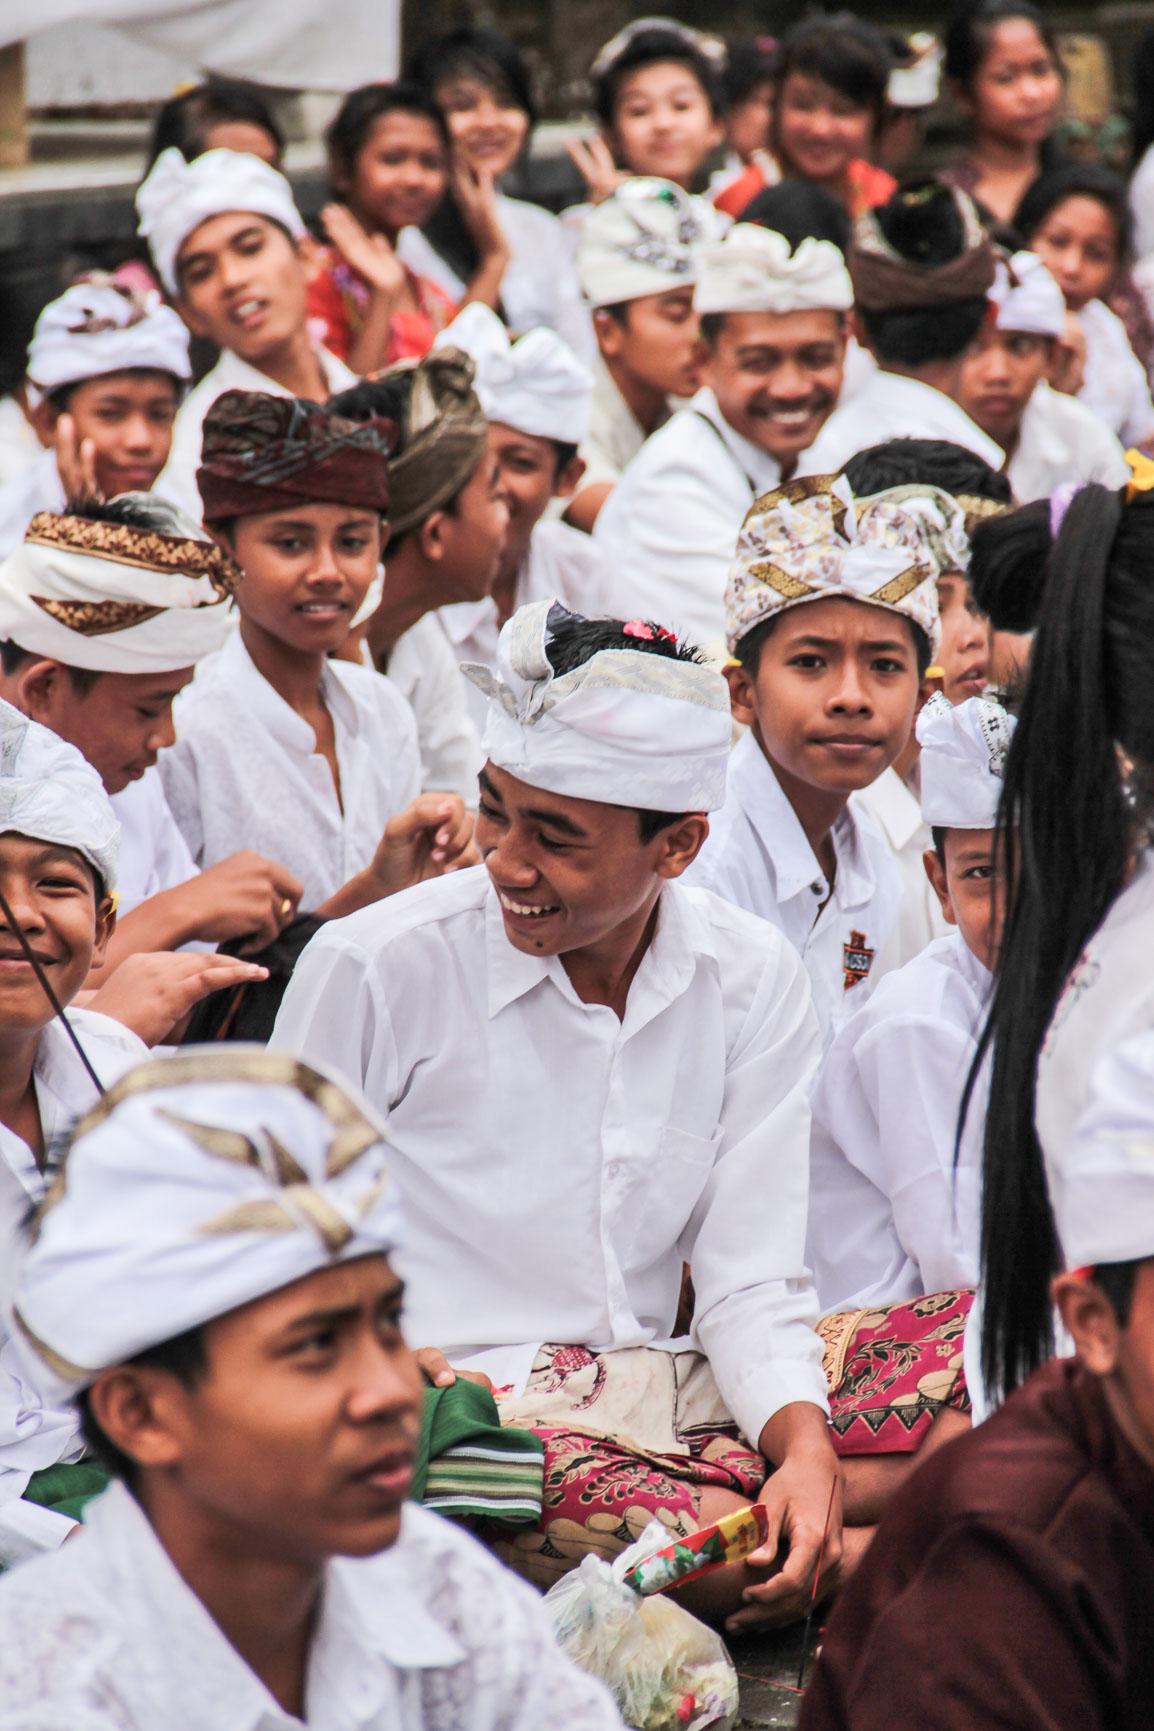 Jeunes durant une cérémonie balinaise au temple Ulun Danu Bratan